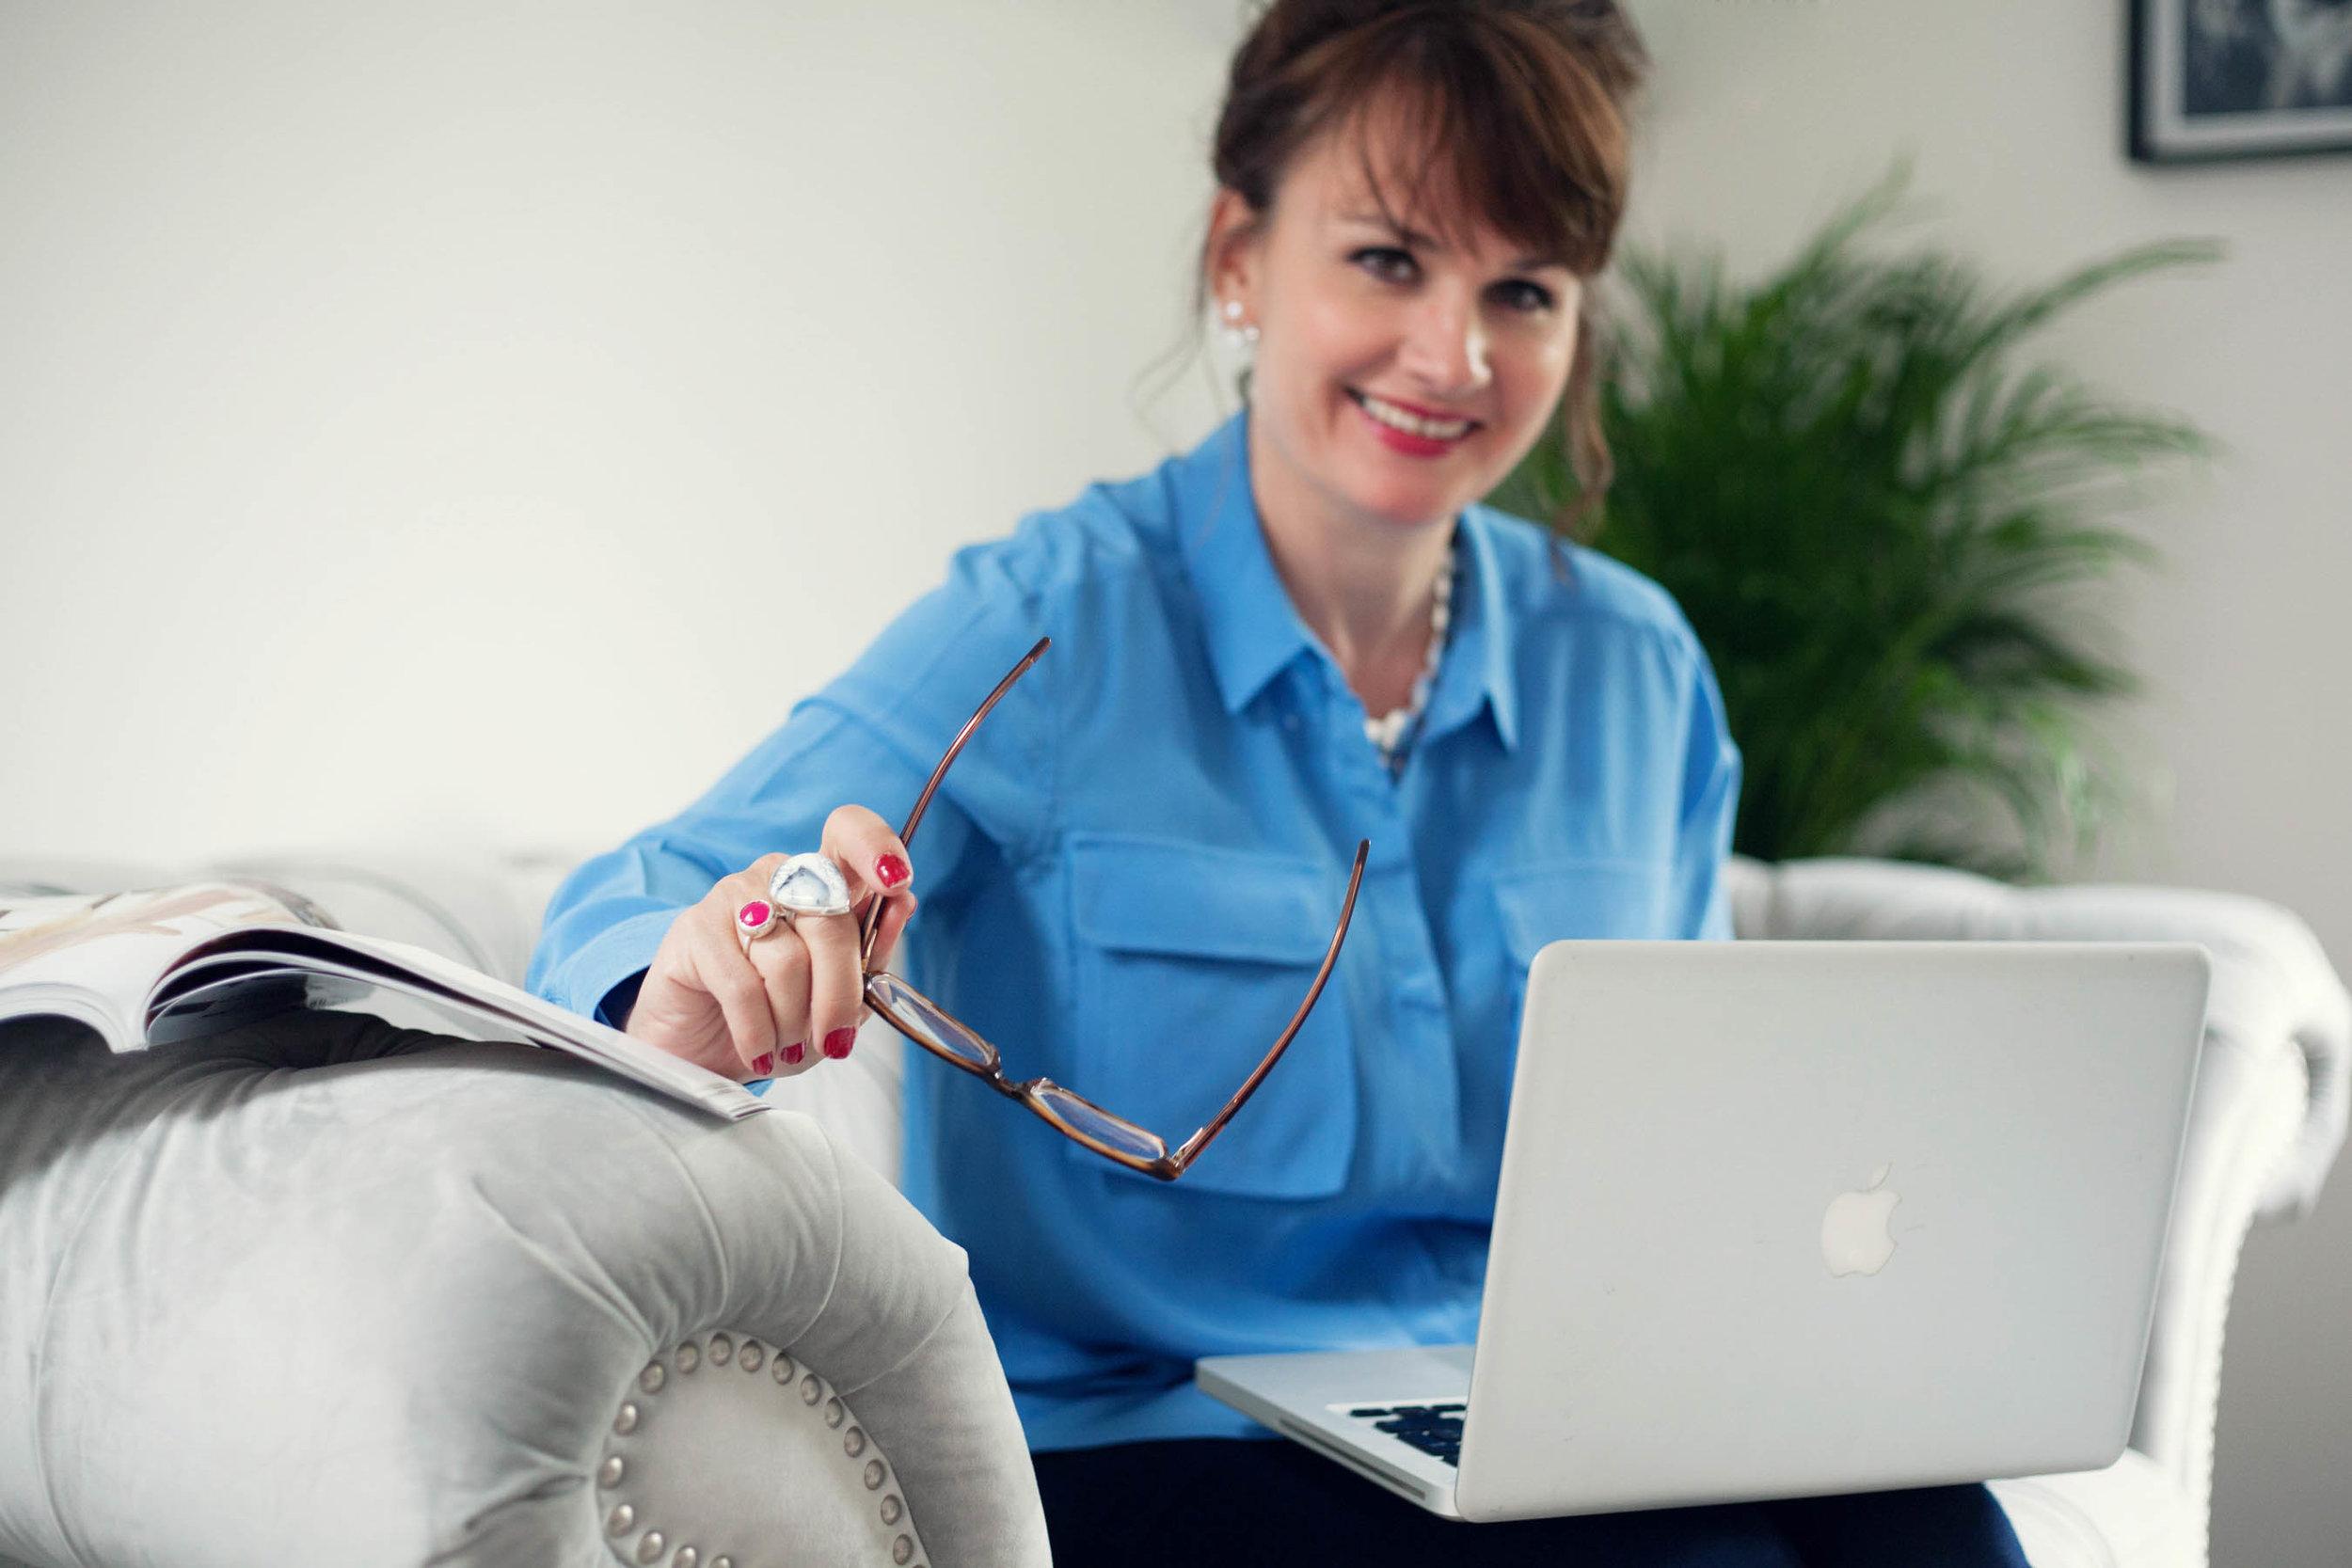 Personal Stylist | Public Speaker in Bristol | Becky Barnes